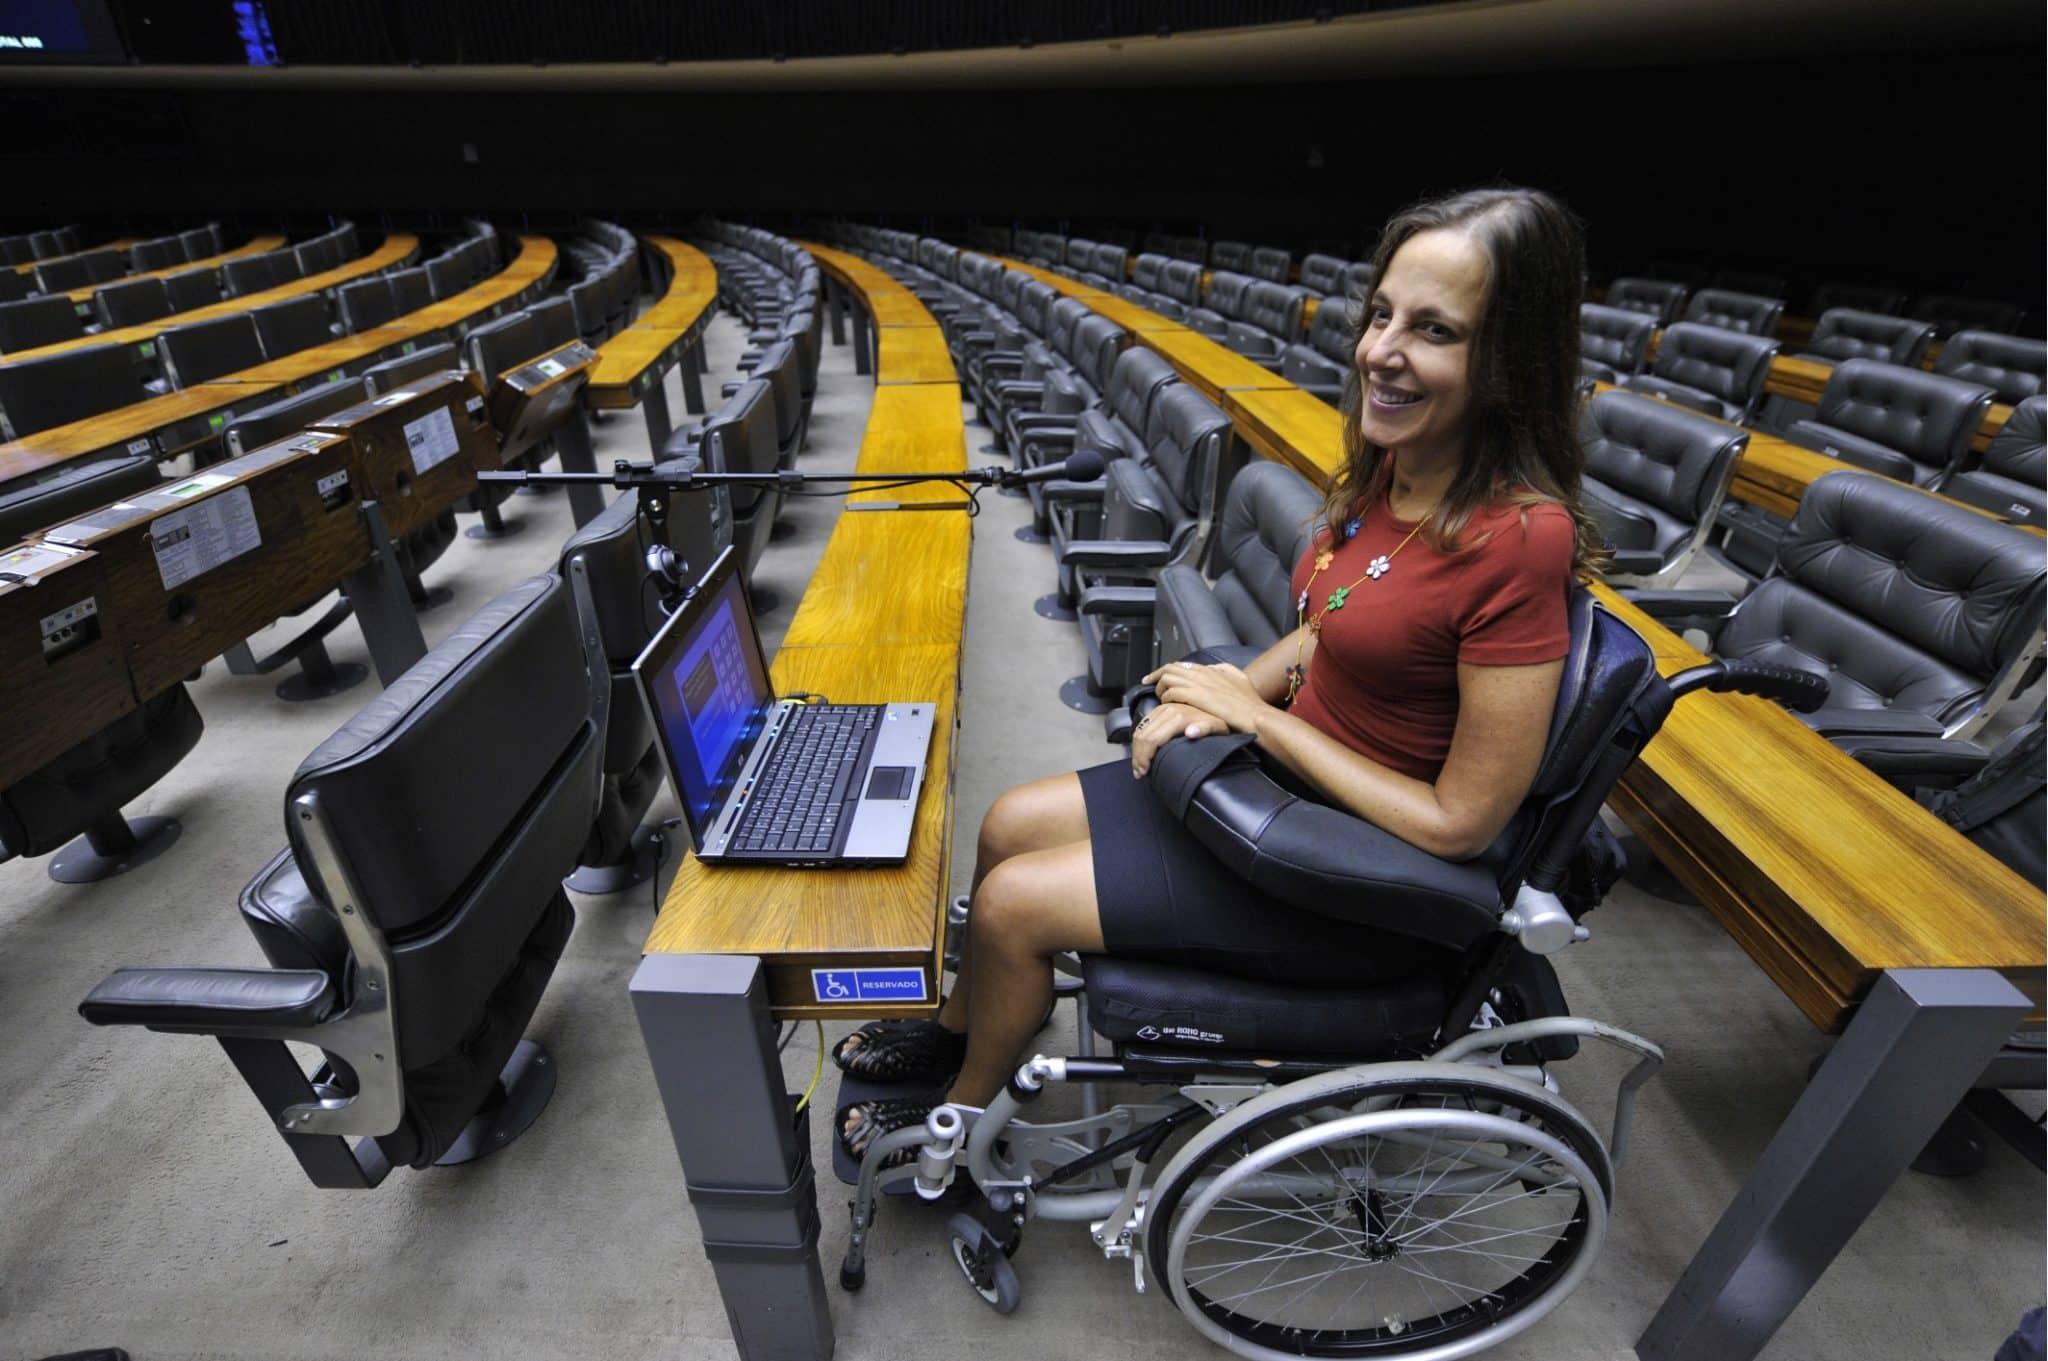 Mara Gabrilli utiliza el headmouse en el Parlamento de Brasil